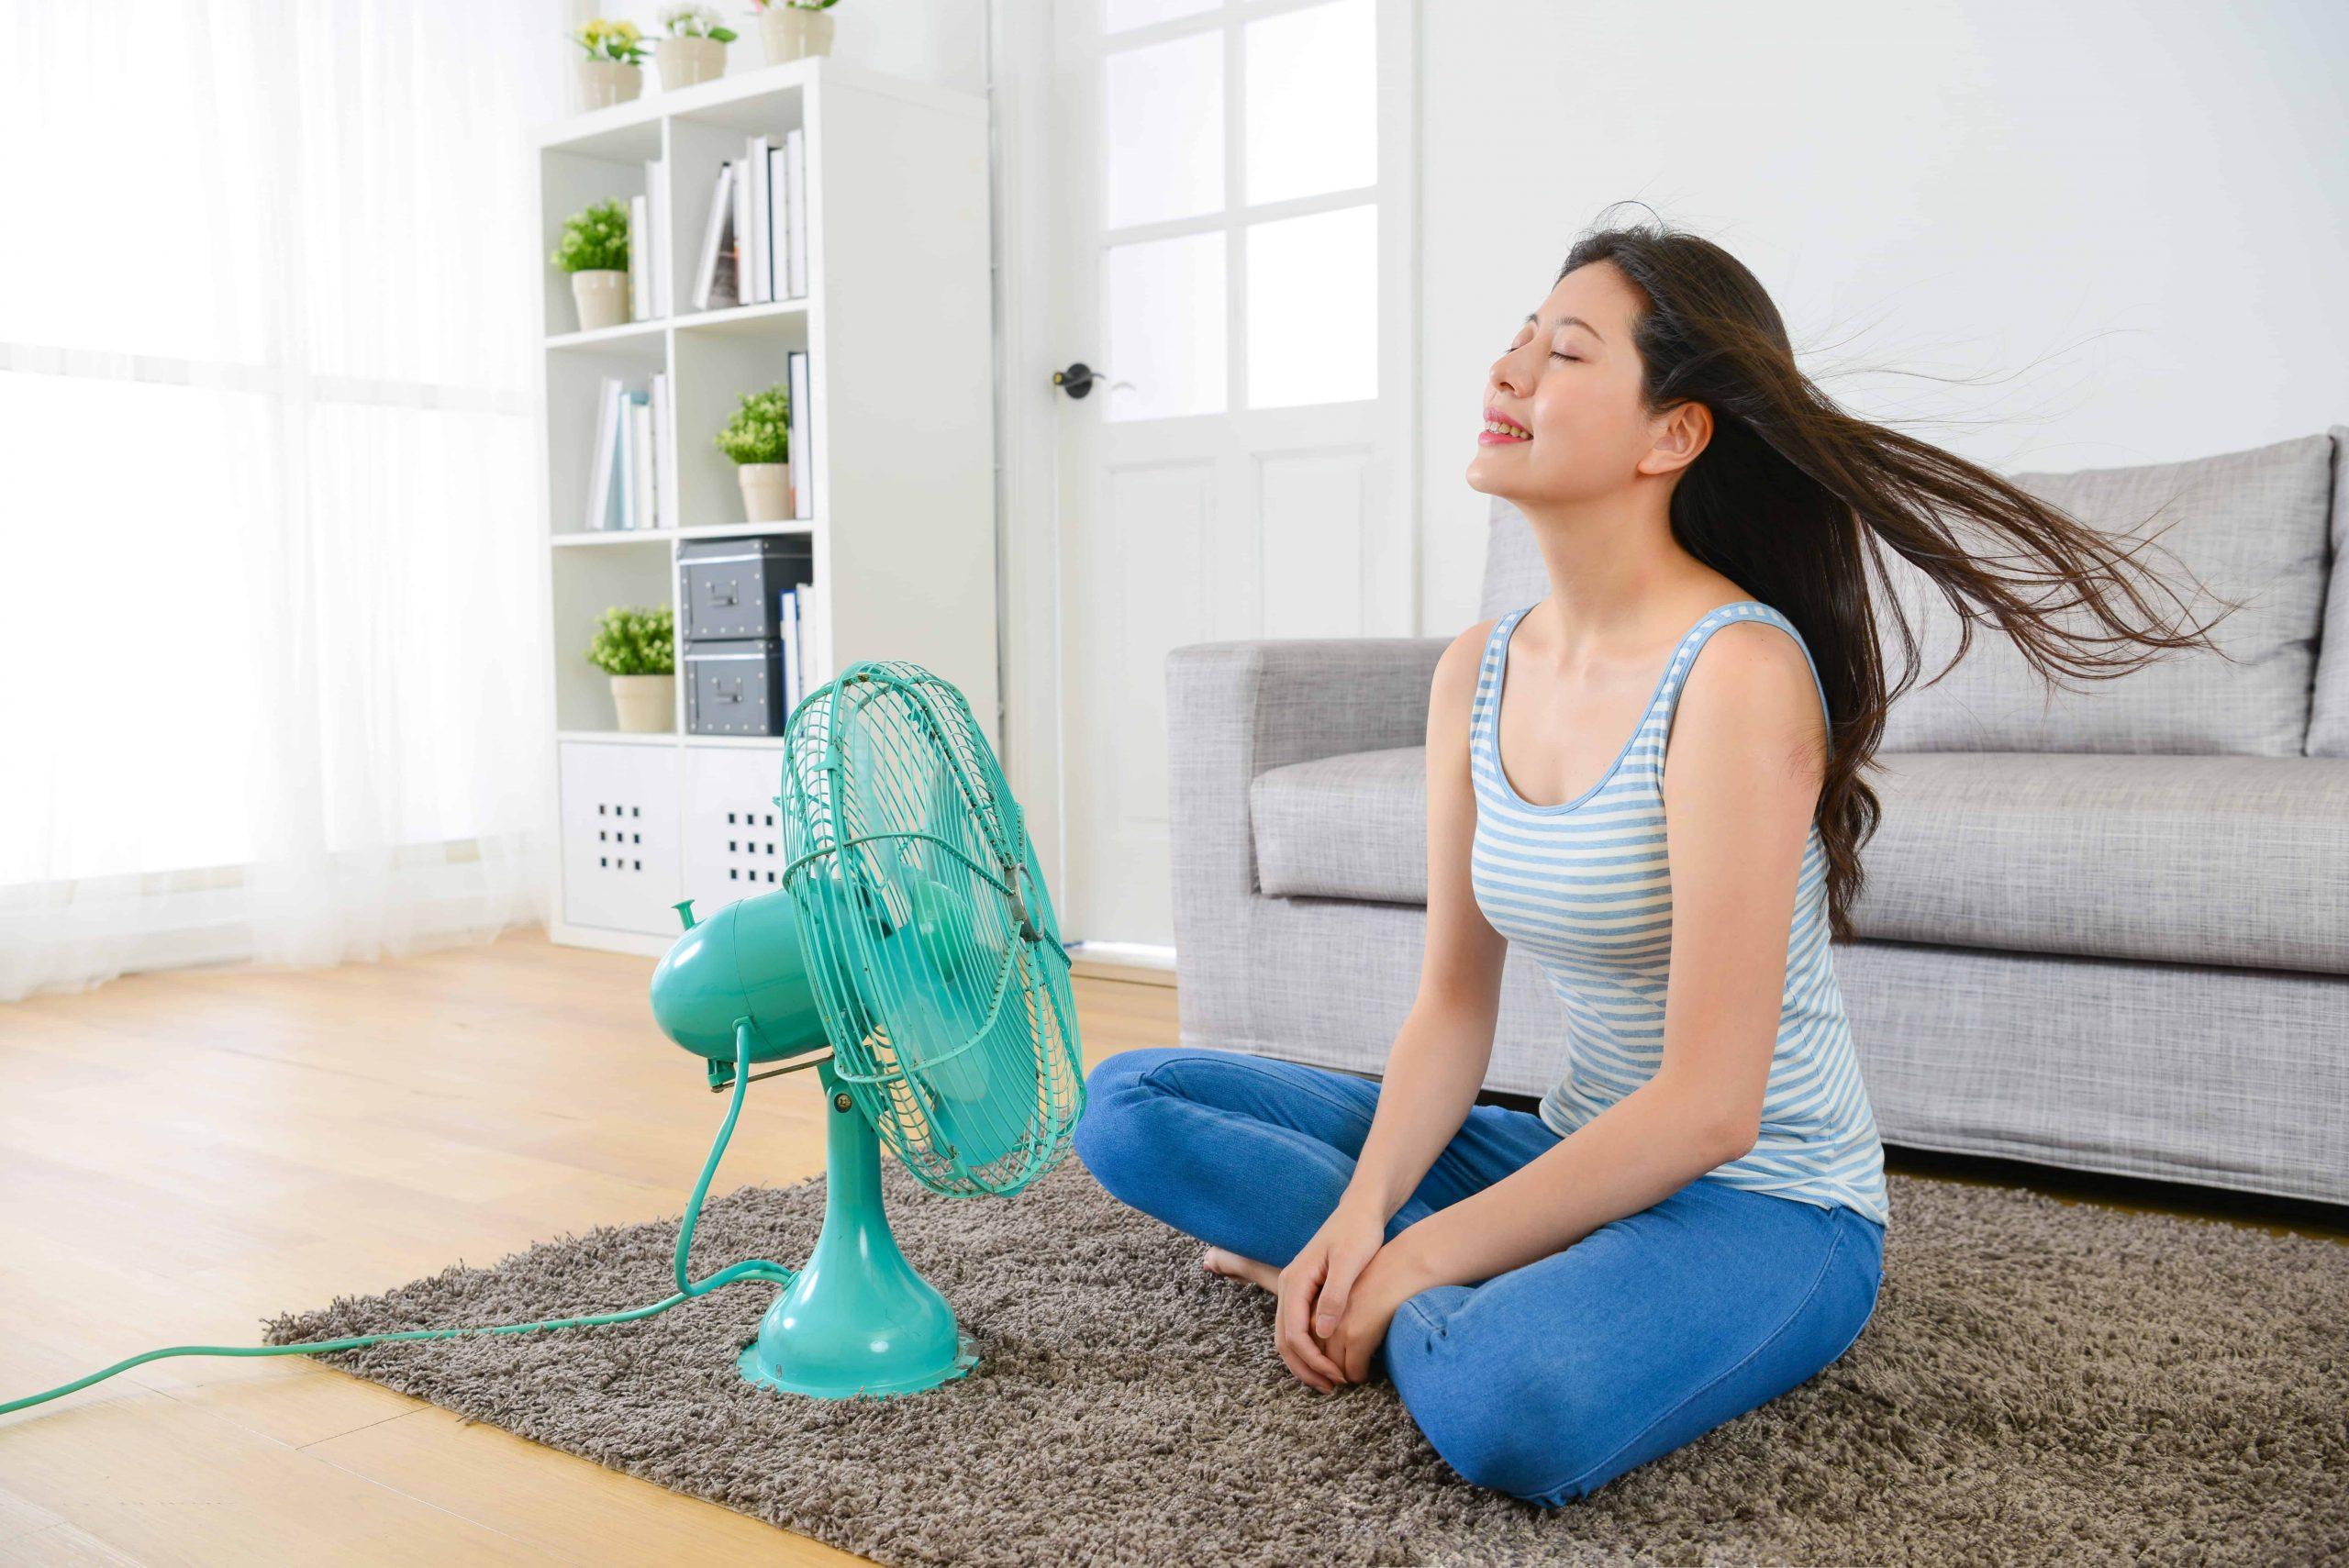 Wie kühle ich meine Wohnung: Tipps & Tricks für eine angenehme Raumtemperatur im Sommer